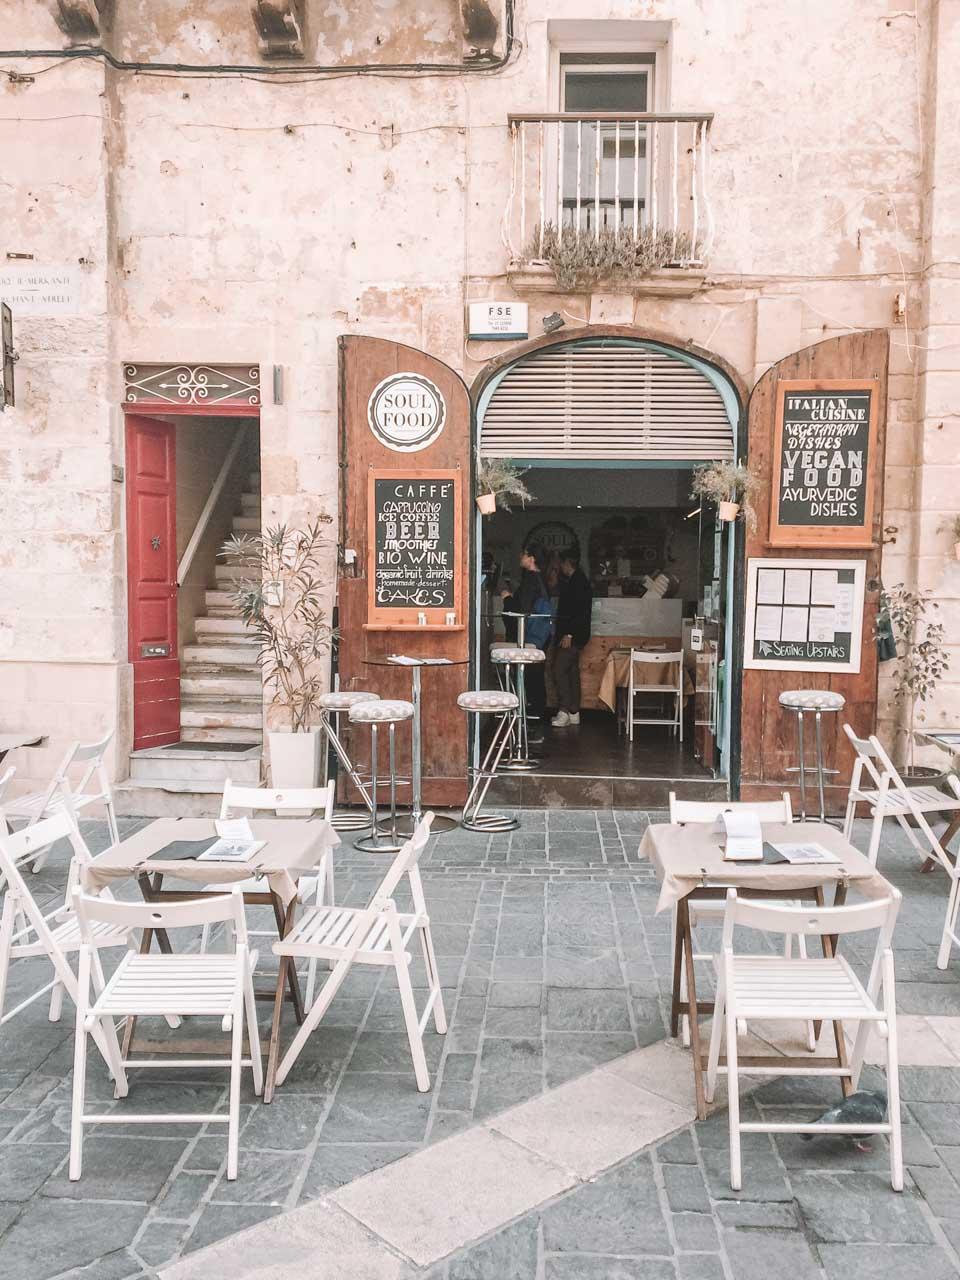 Tables outside a café in Valletta, Malta